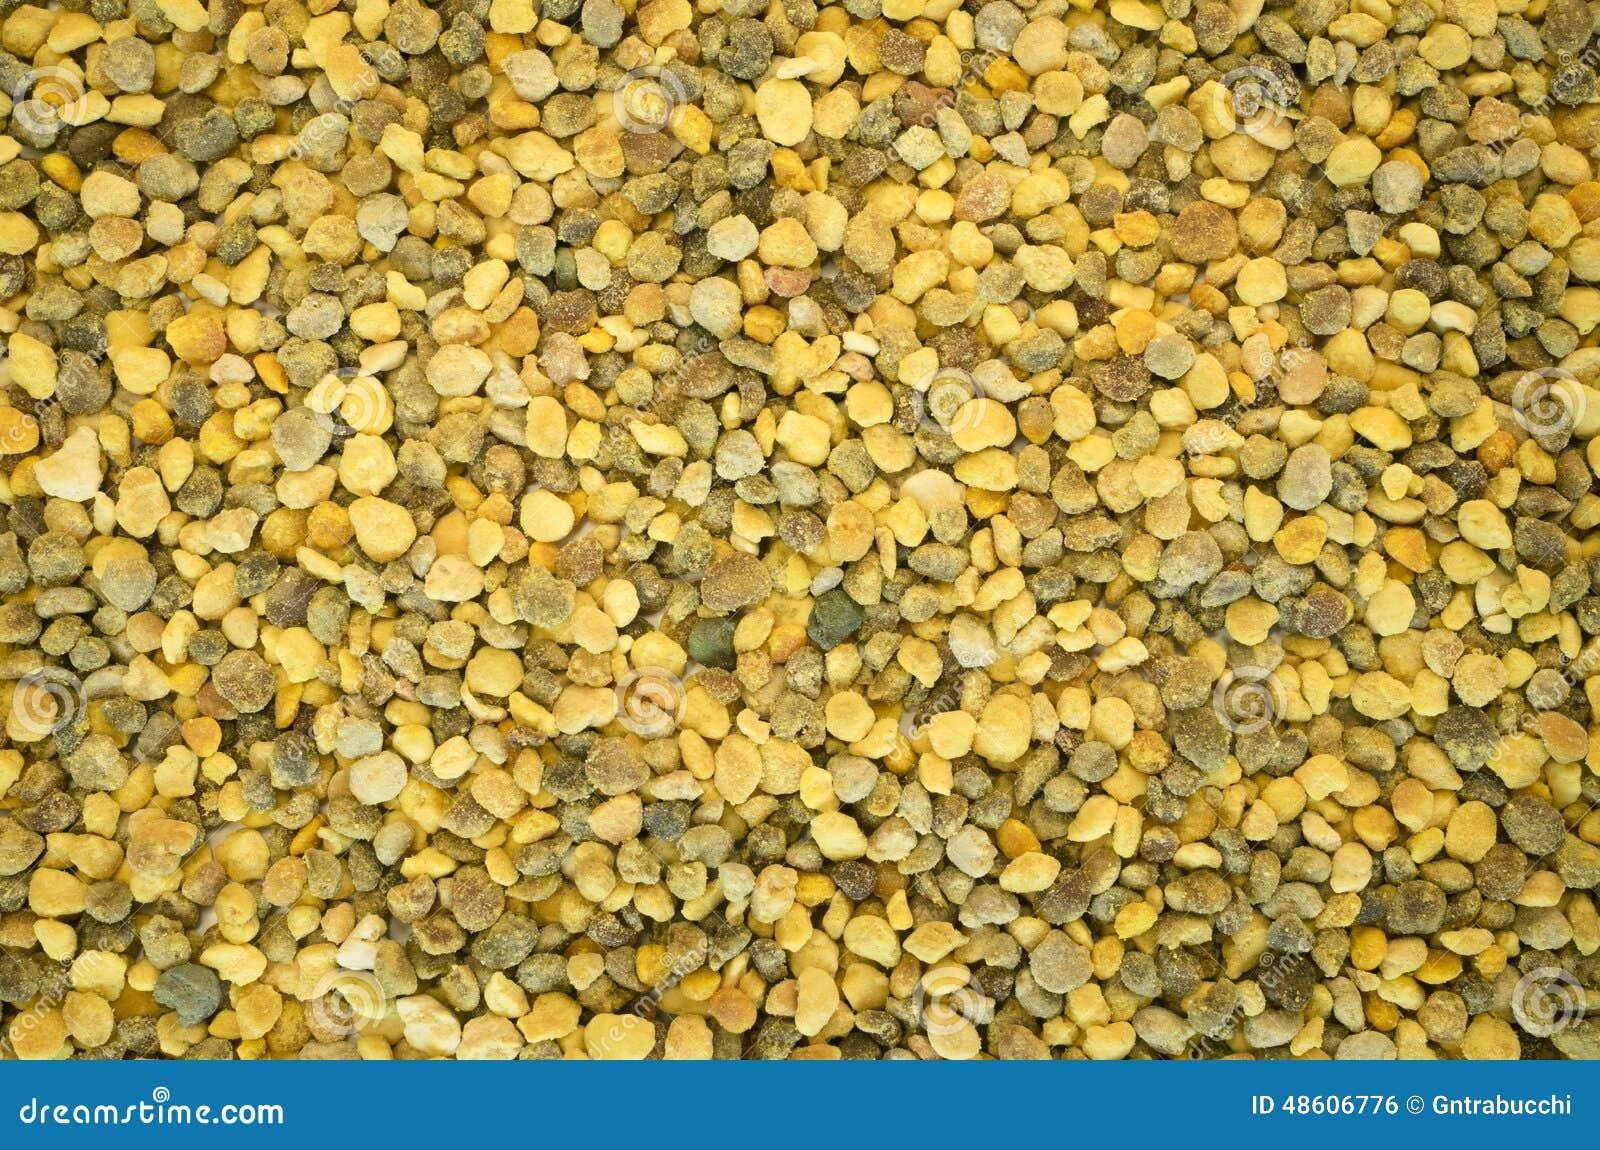 Bee pollen seeds